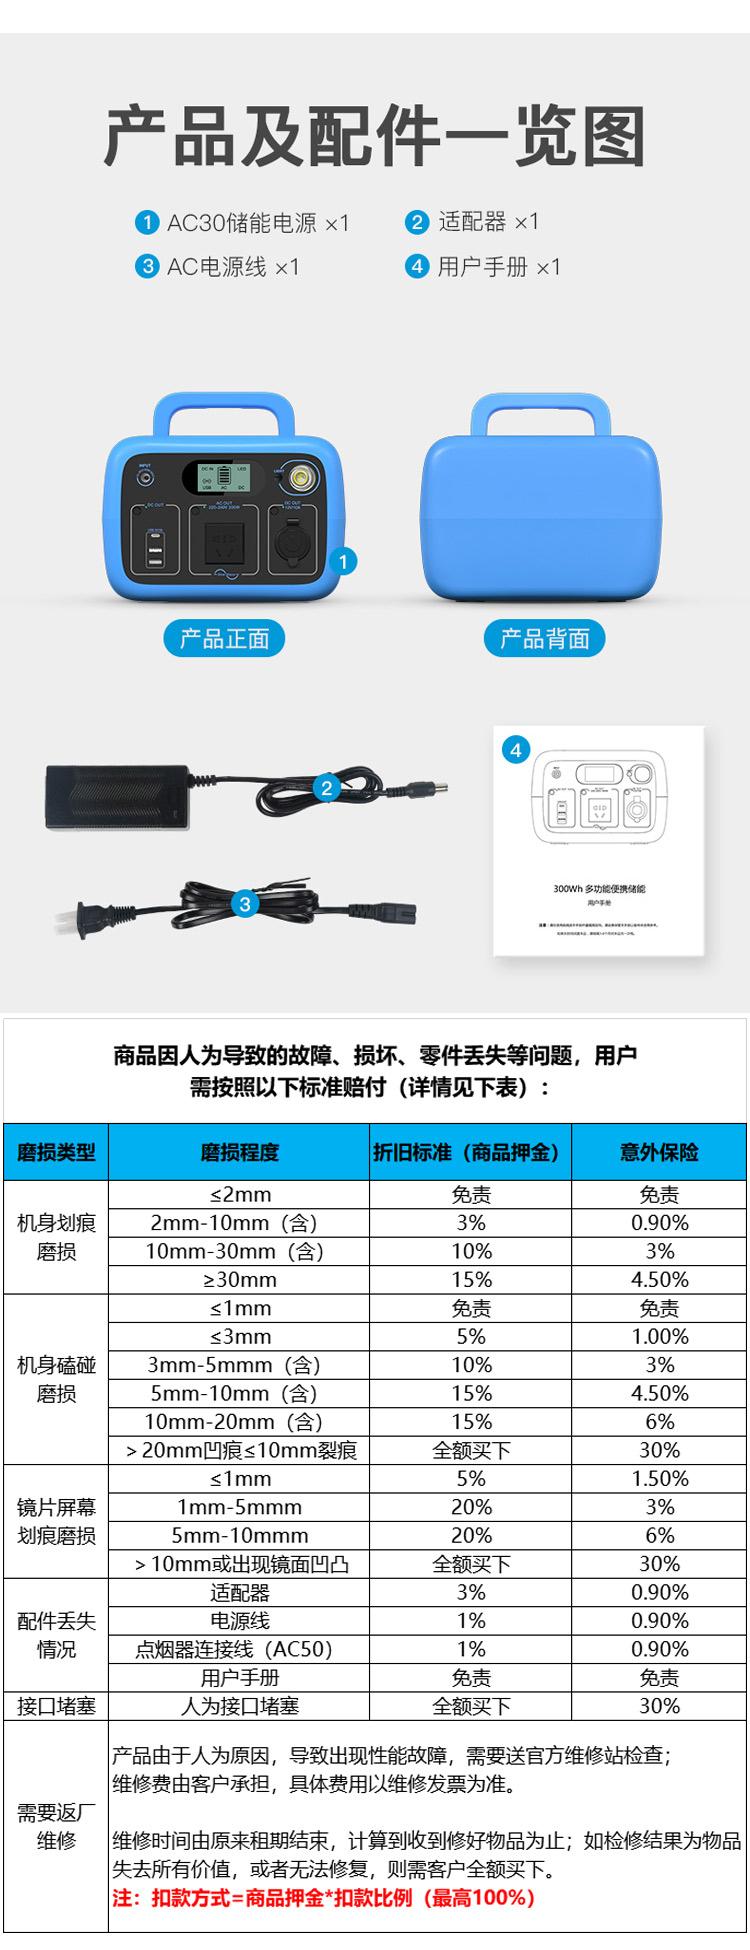 铂陆帝户外电源AC30产品详情图_11.jpg